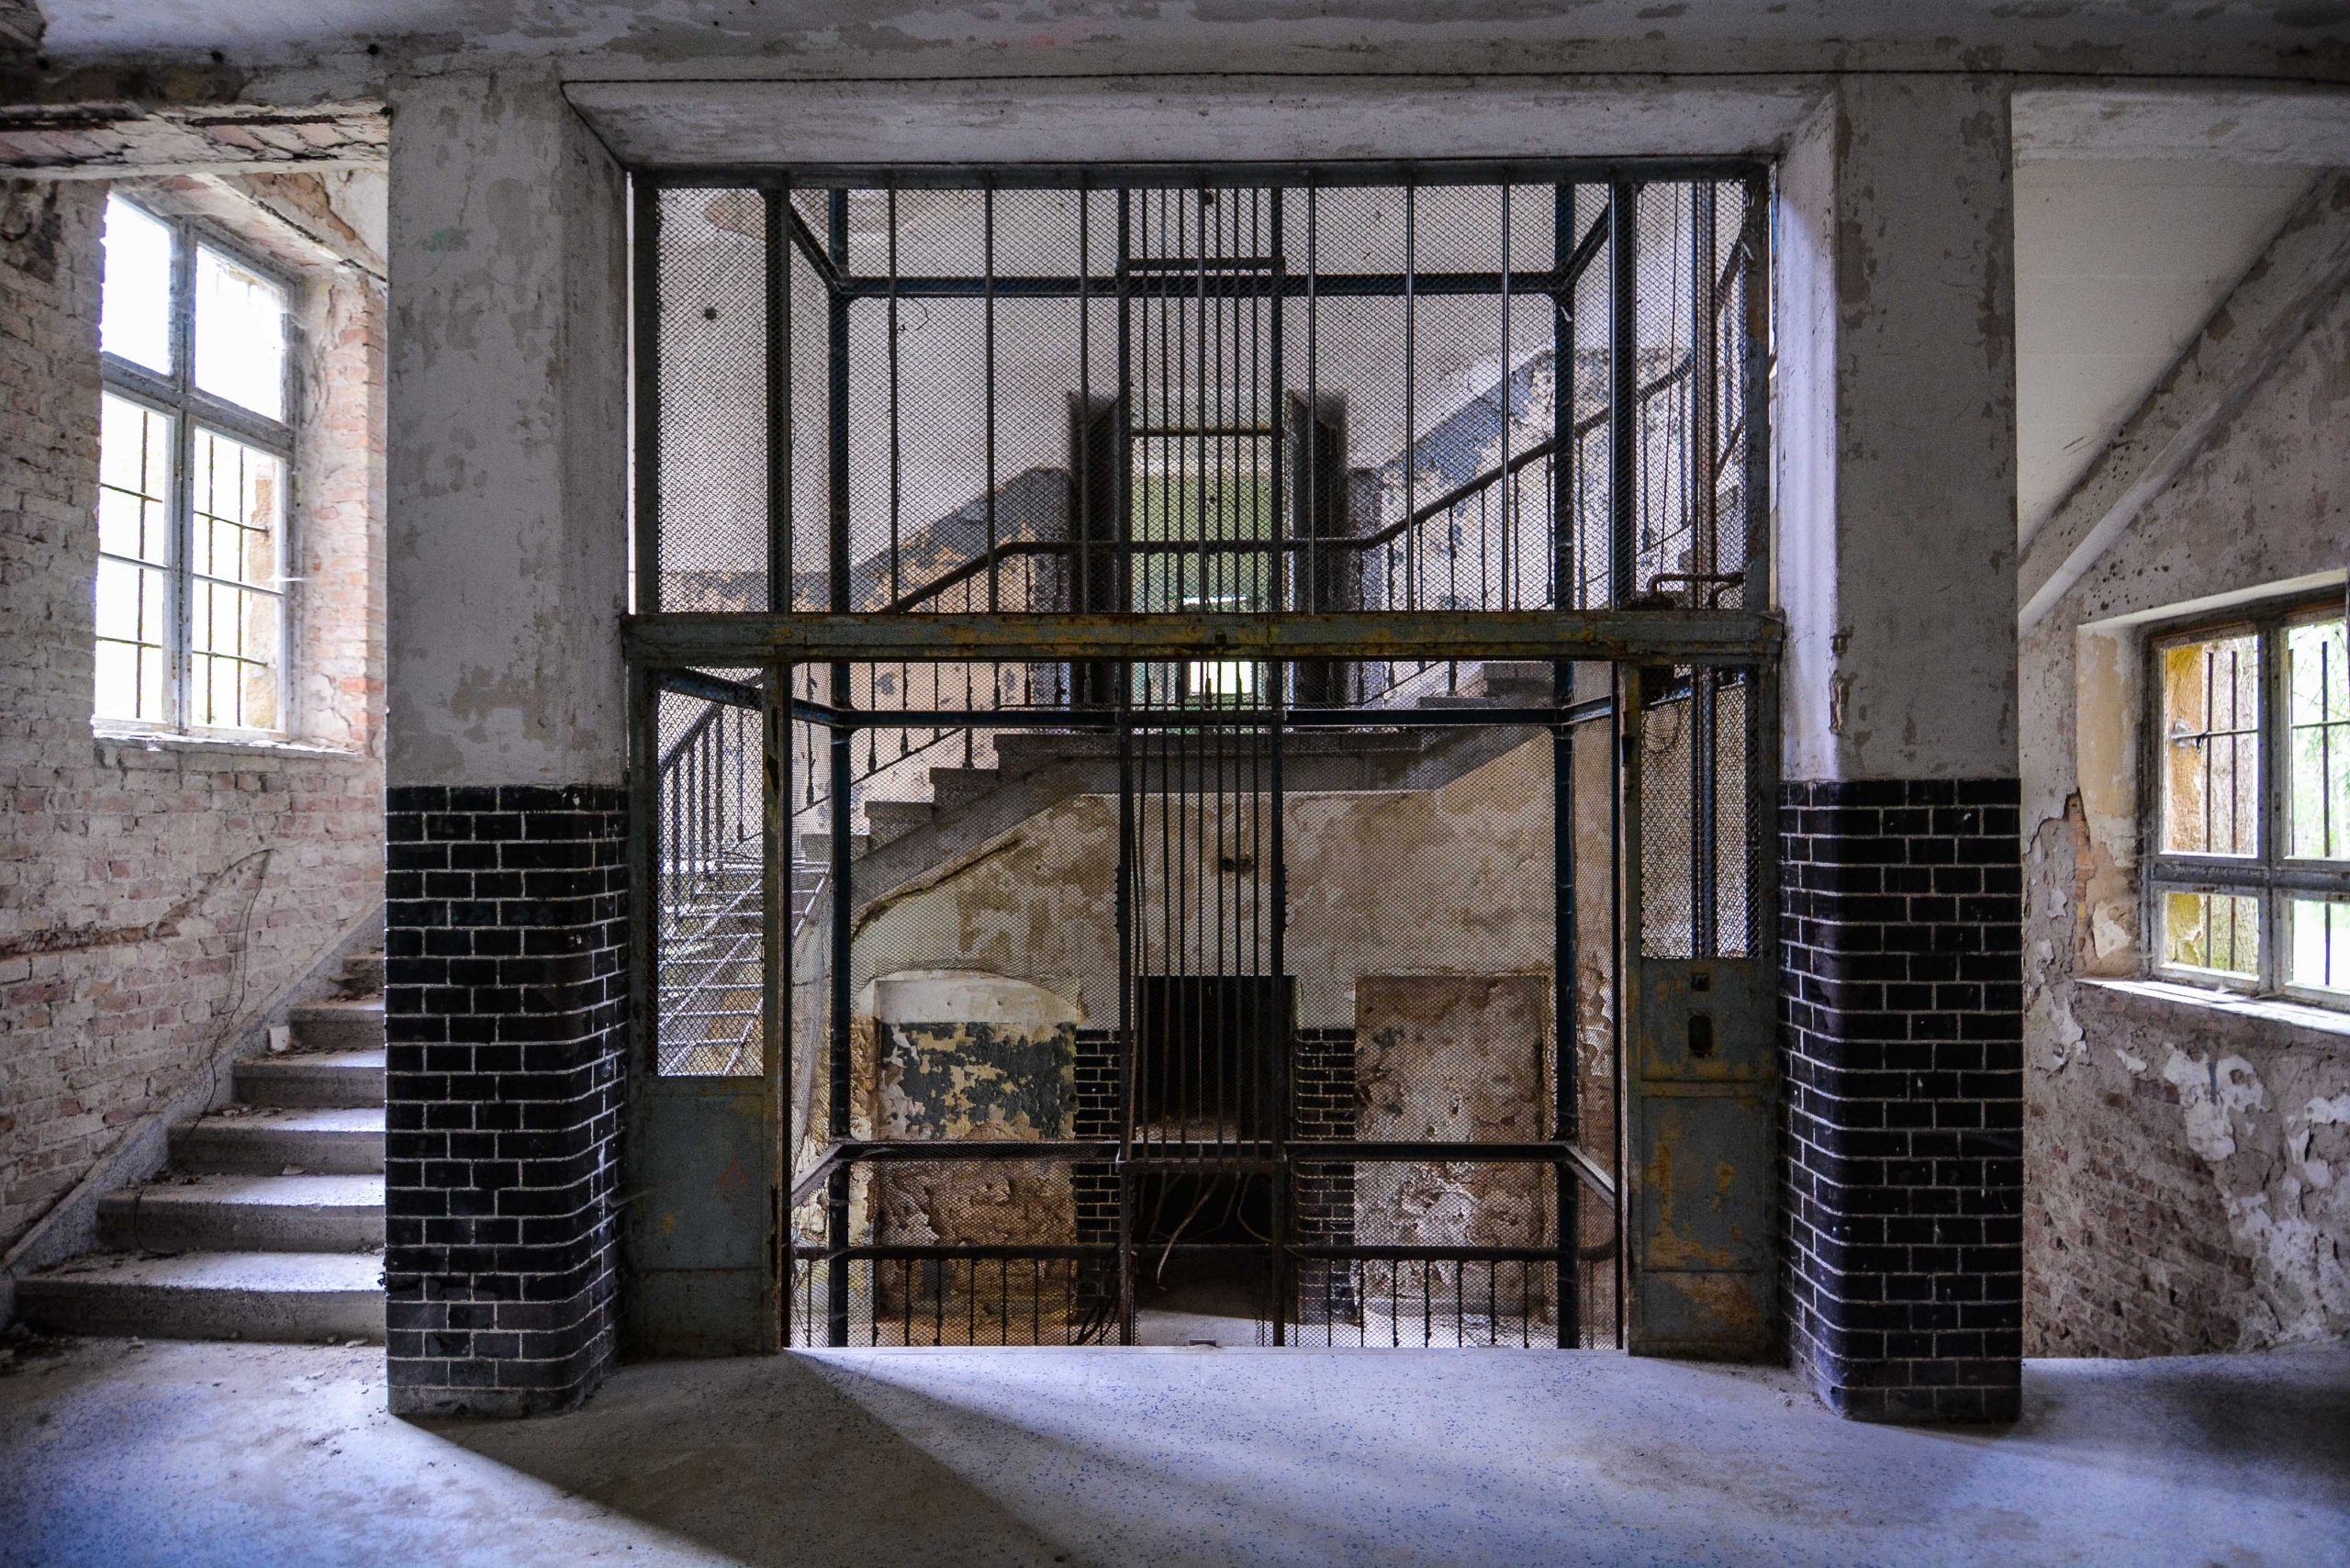 coffin elevator tuberkulose heilstaette grabowsee sanatorium oranienburg lost places abandoned urbex brandenburg germany deutschland